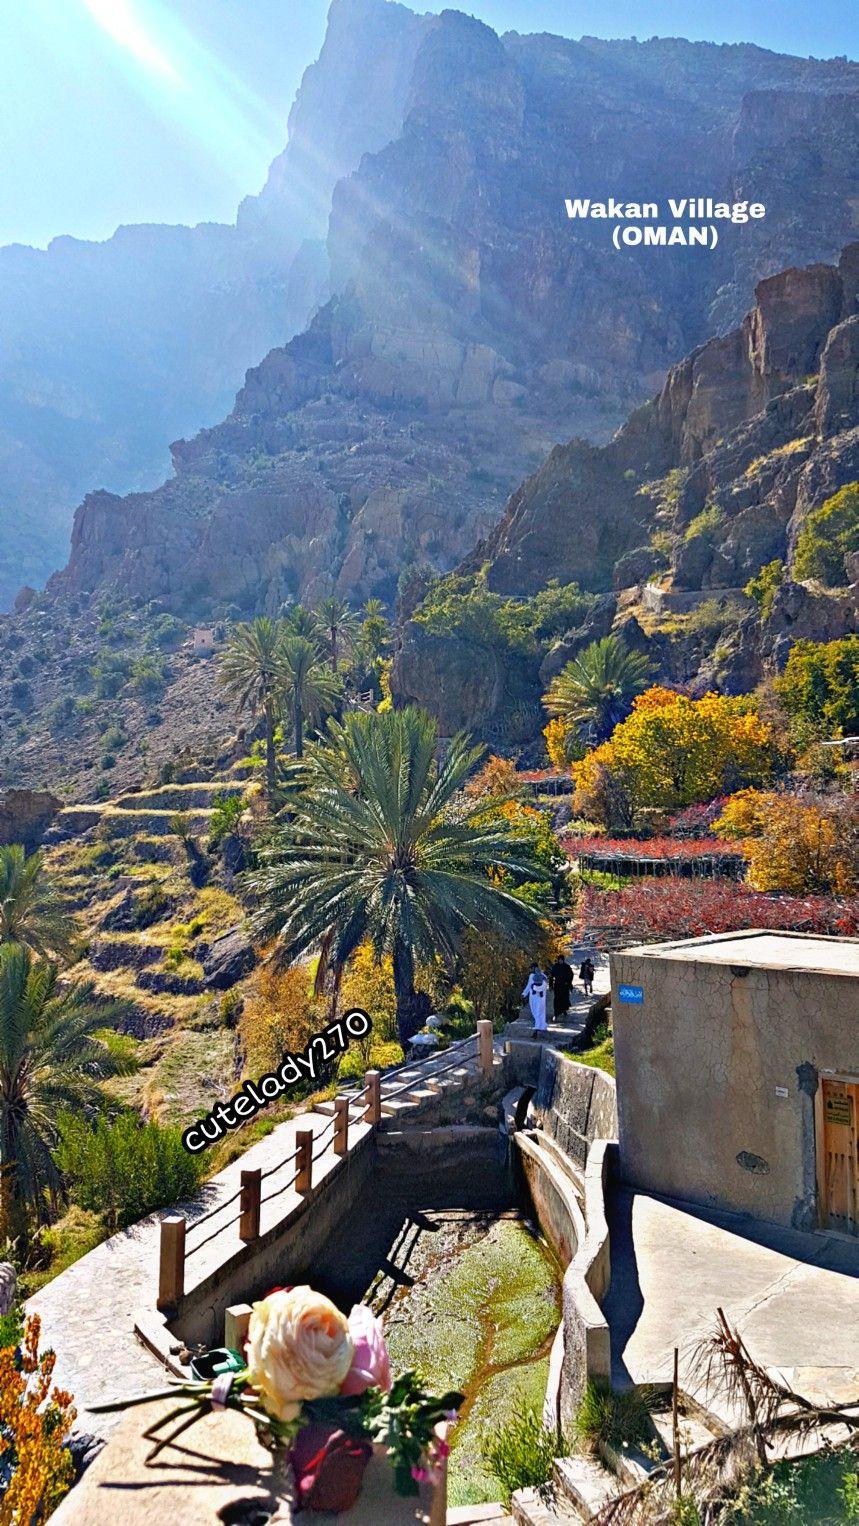 قرية وكان العمانية Oman